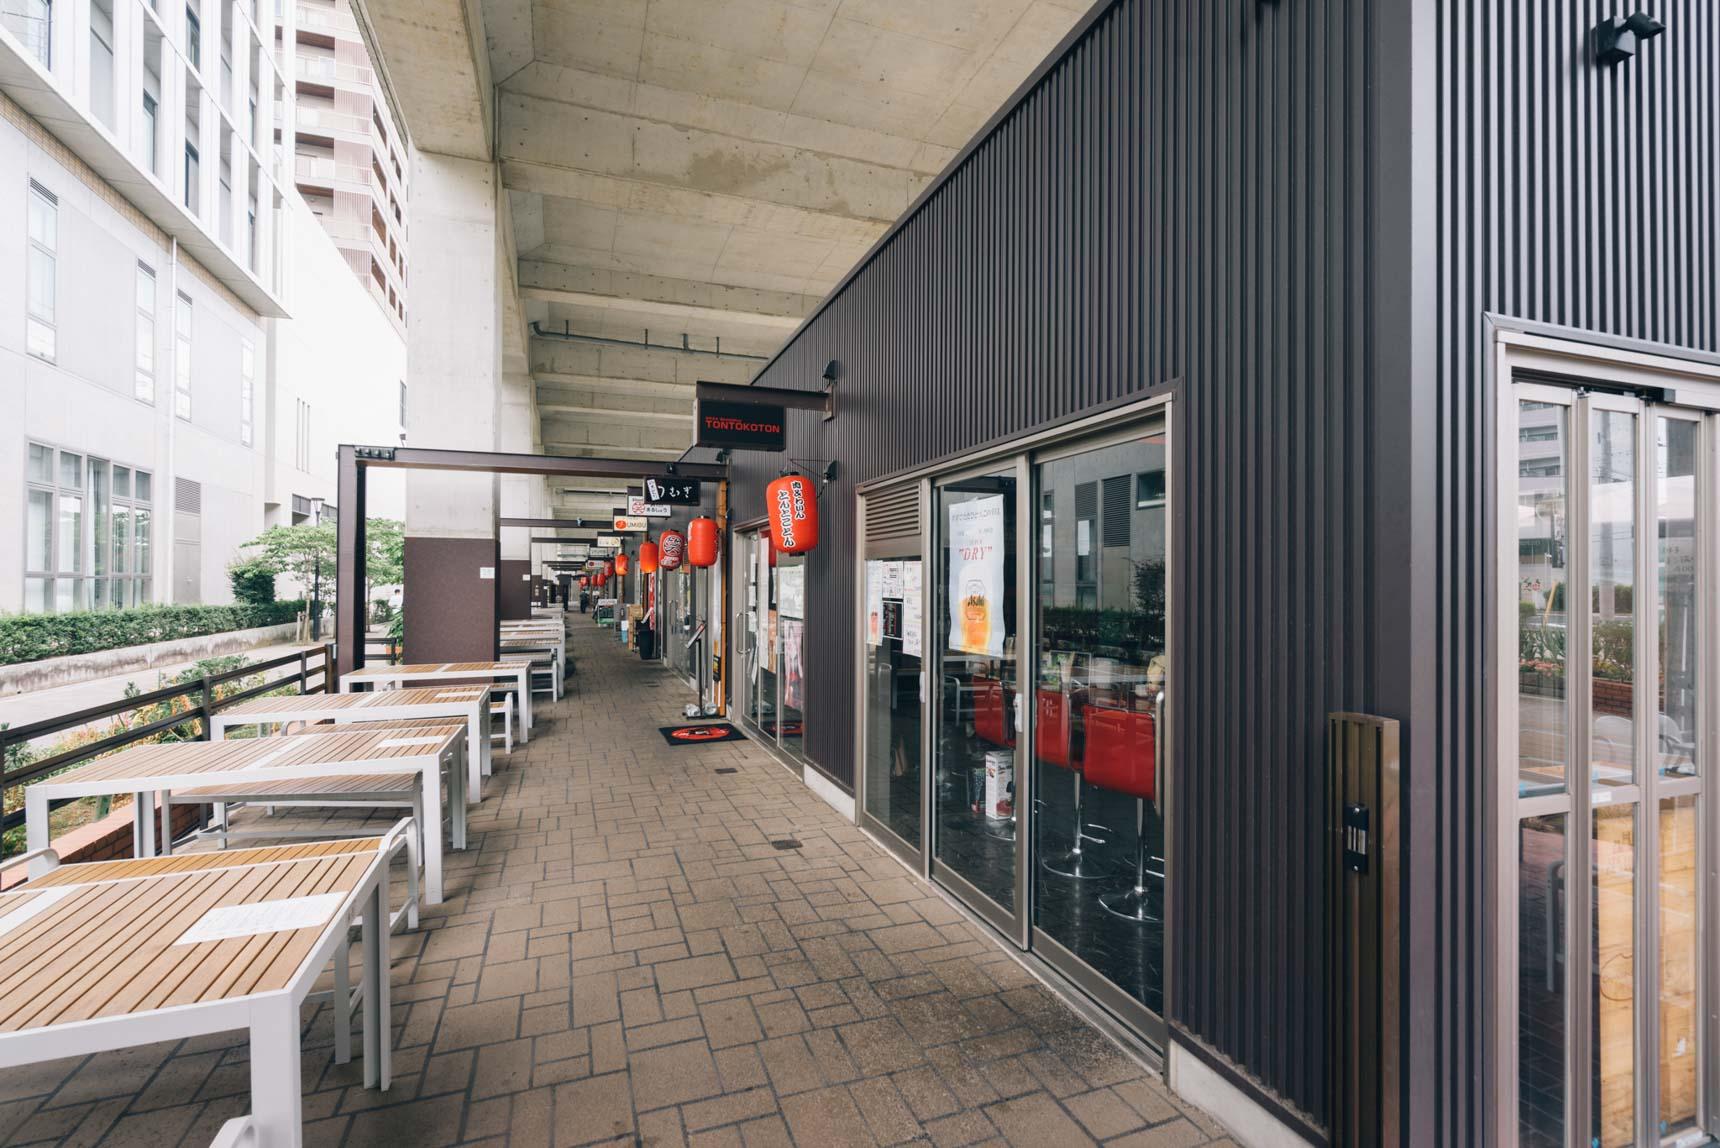 高架下に並ぶお店は、飲食店とランナーズステーション機能を備えたカフェが入るユニークな施設「かけだし横丁」。夜は23時までオープンしていて、シャワー施設もあり。毎日のランニングを日課に、走った後は1杯楽しんで帰るなんて、楽しそう。